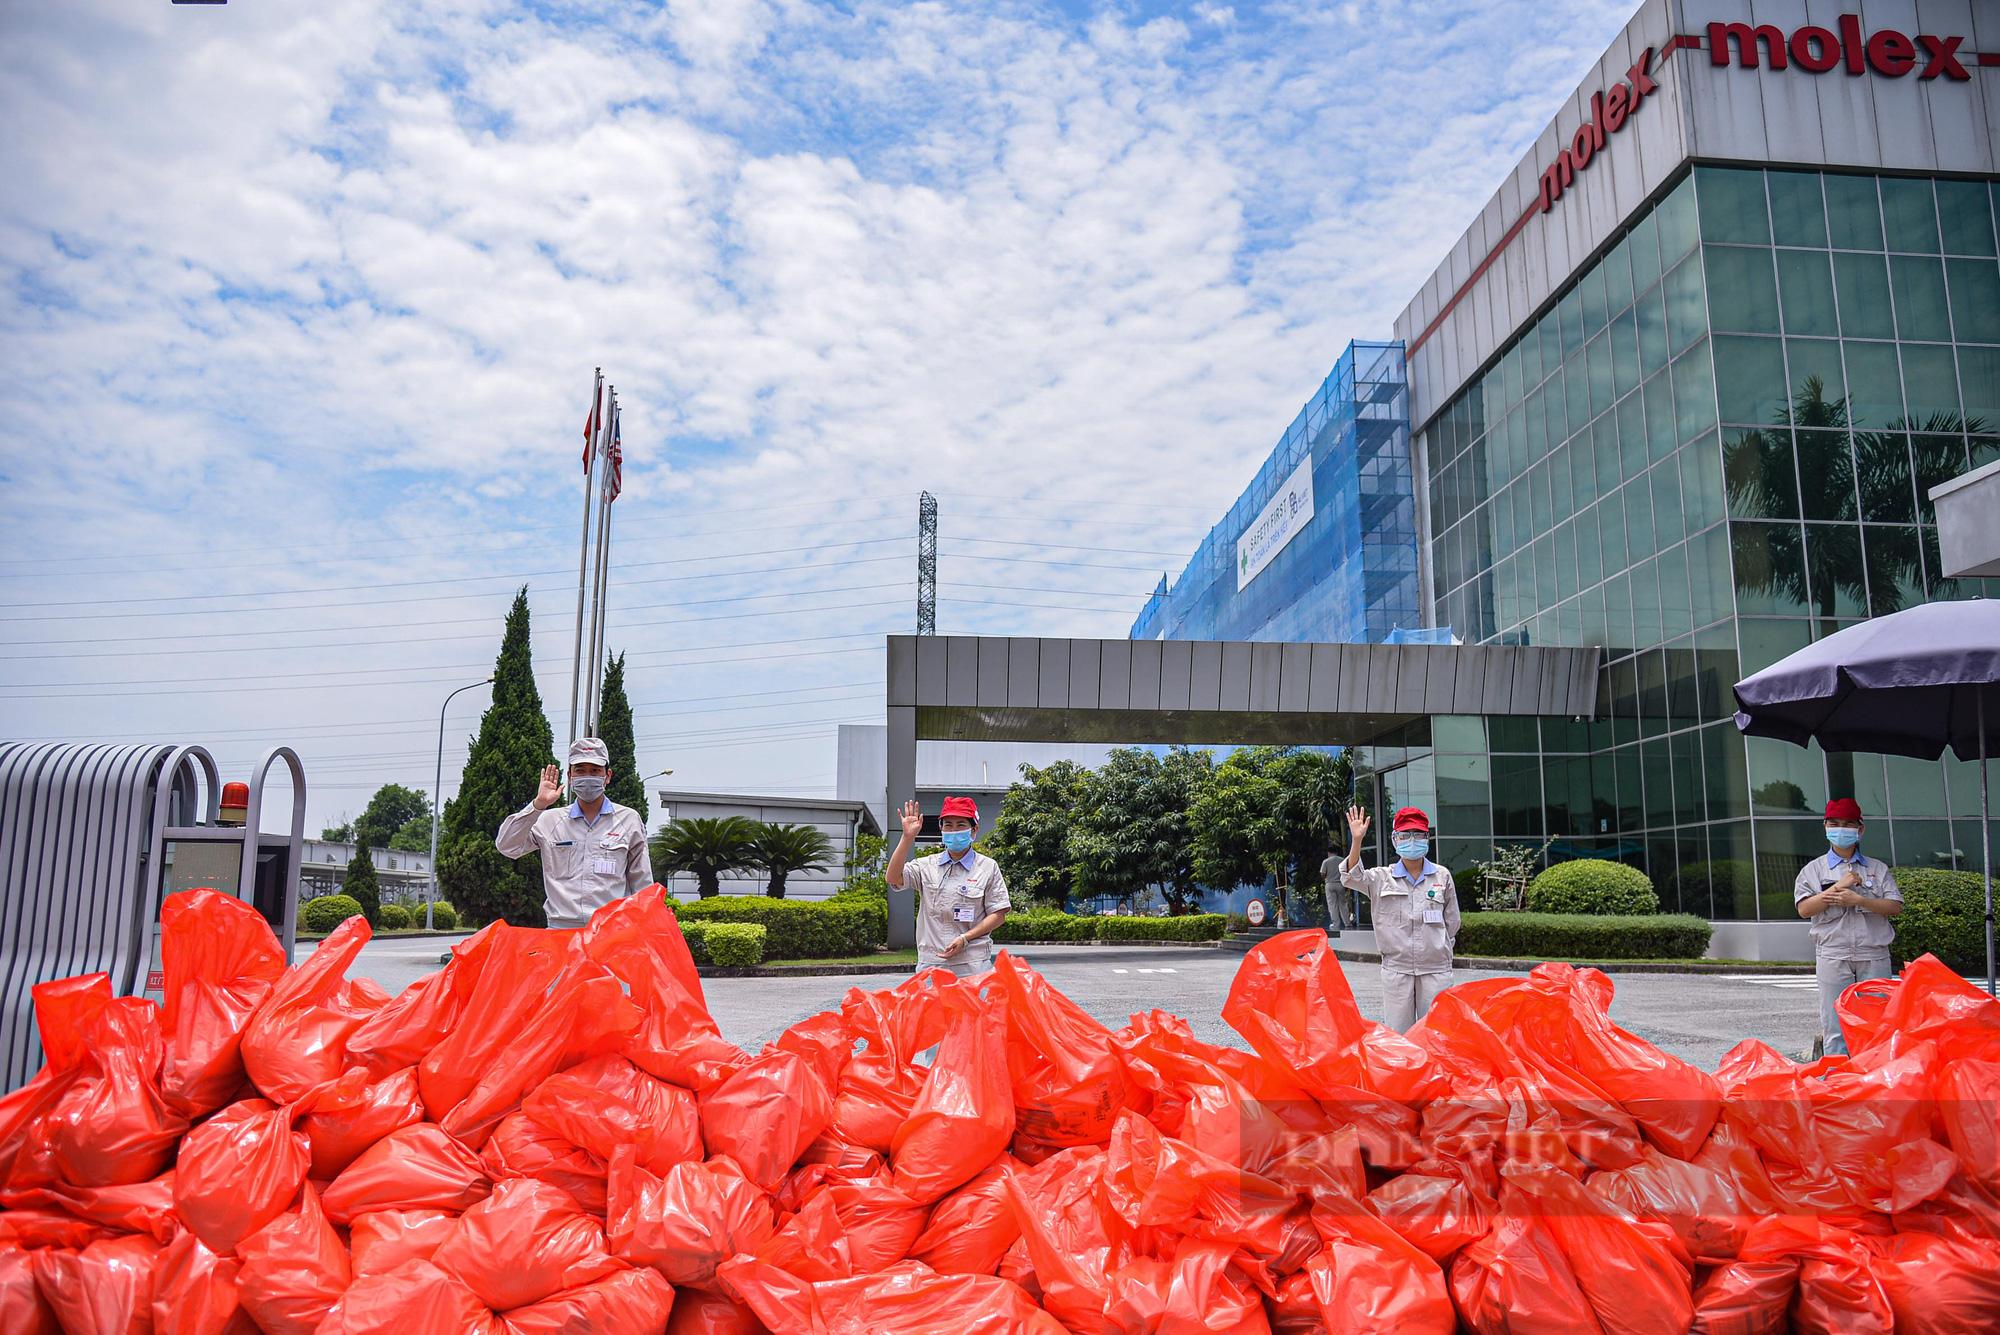 """Cận cảnh """"Xe buýt siêu thị 0 đồng"""" đầu tiên phục vụ CNLĐ khu công nghiệp Hà Nội - Ảnh 12."""